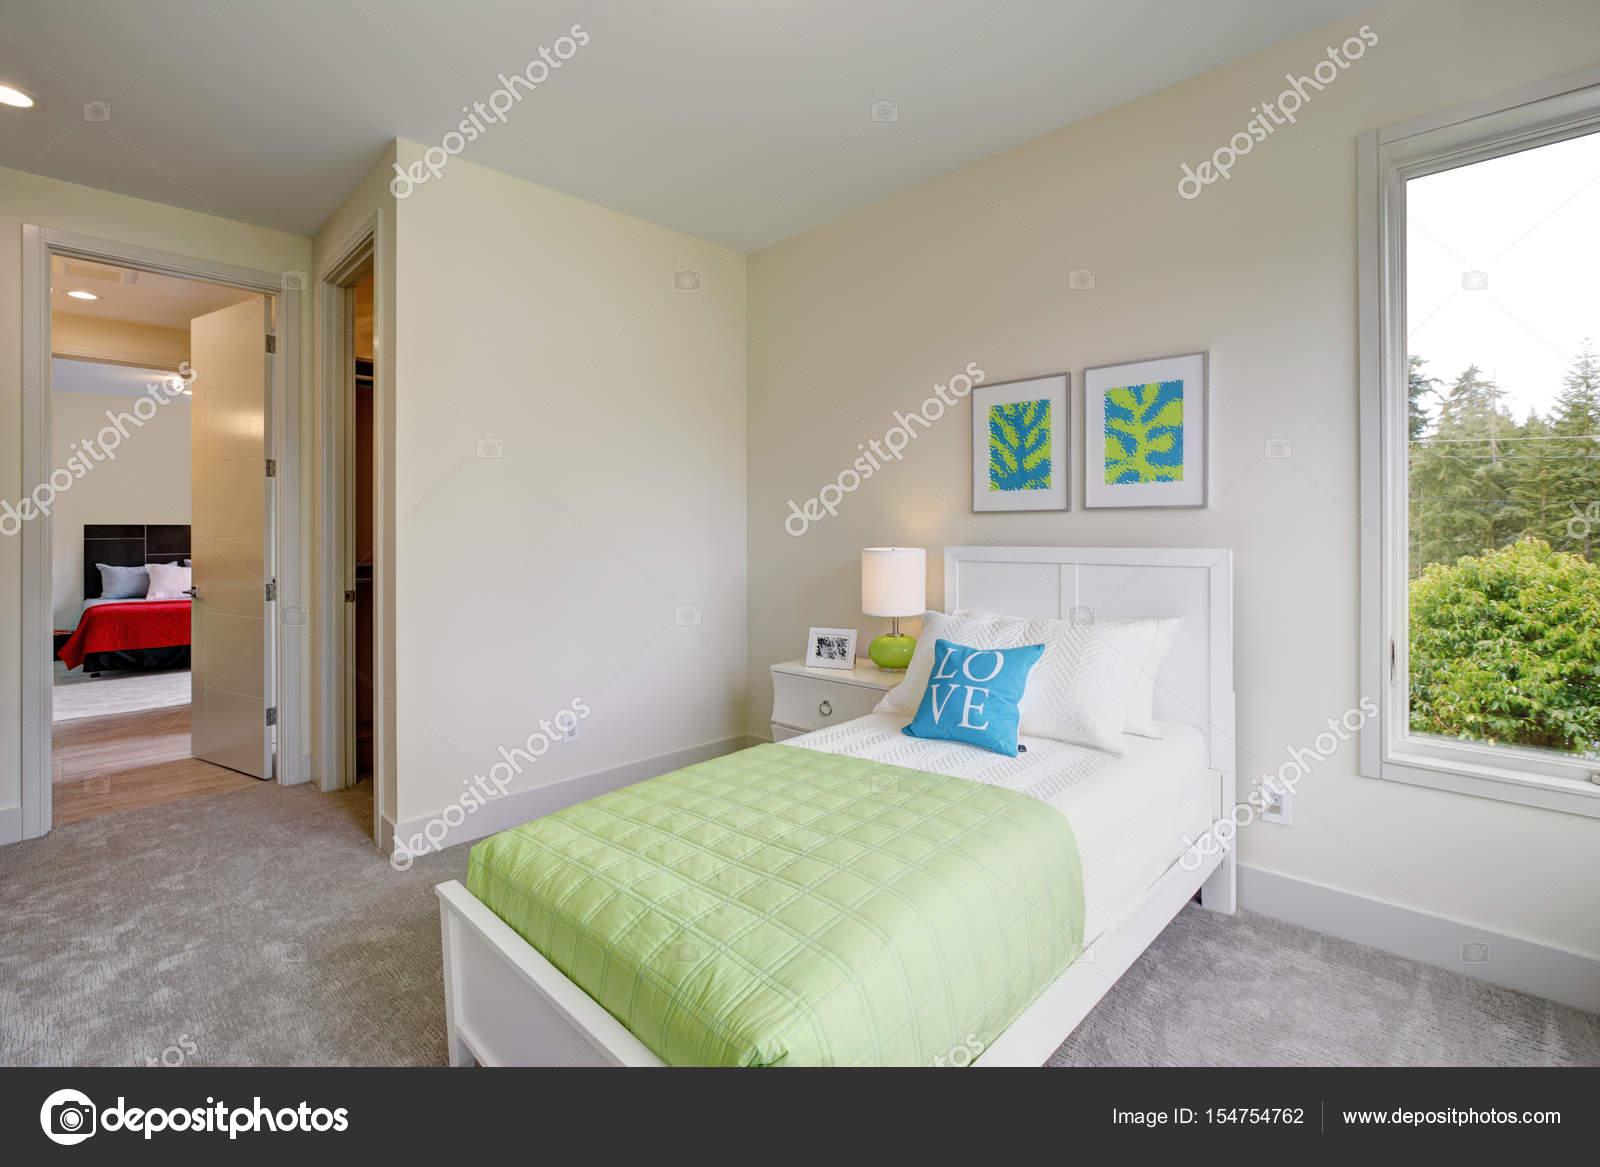 Contemporain bleu et vert chambre enfants — Photographie ...